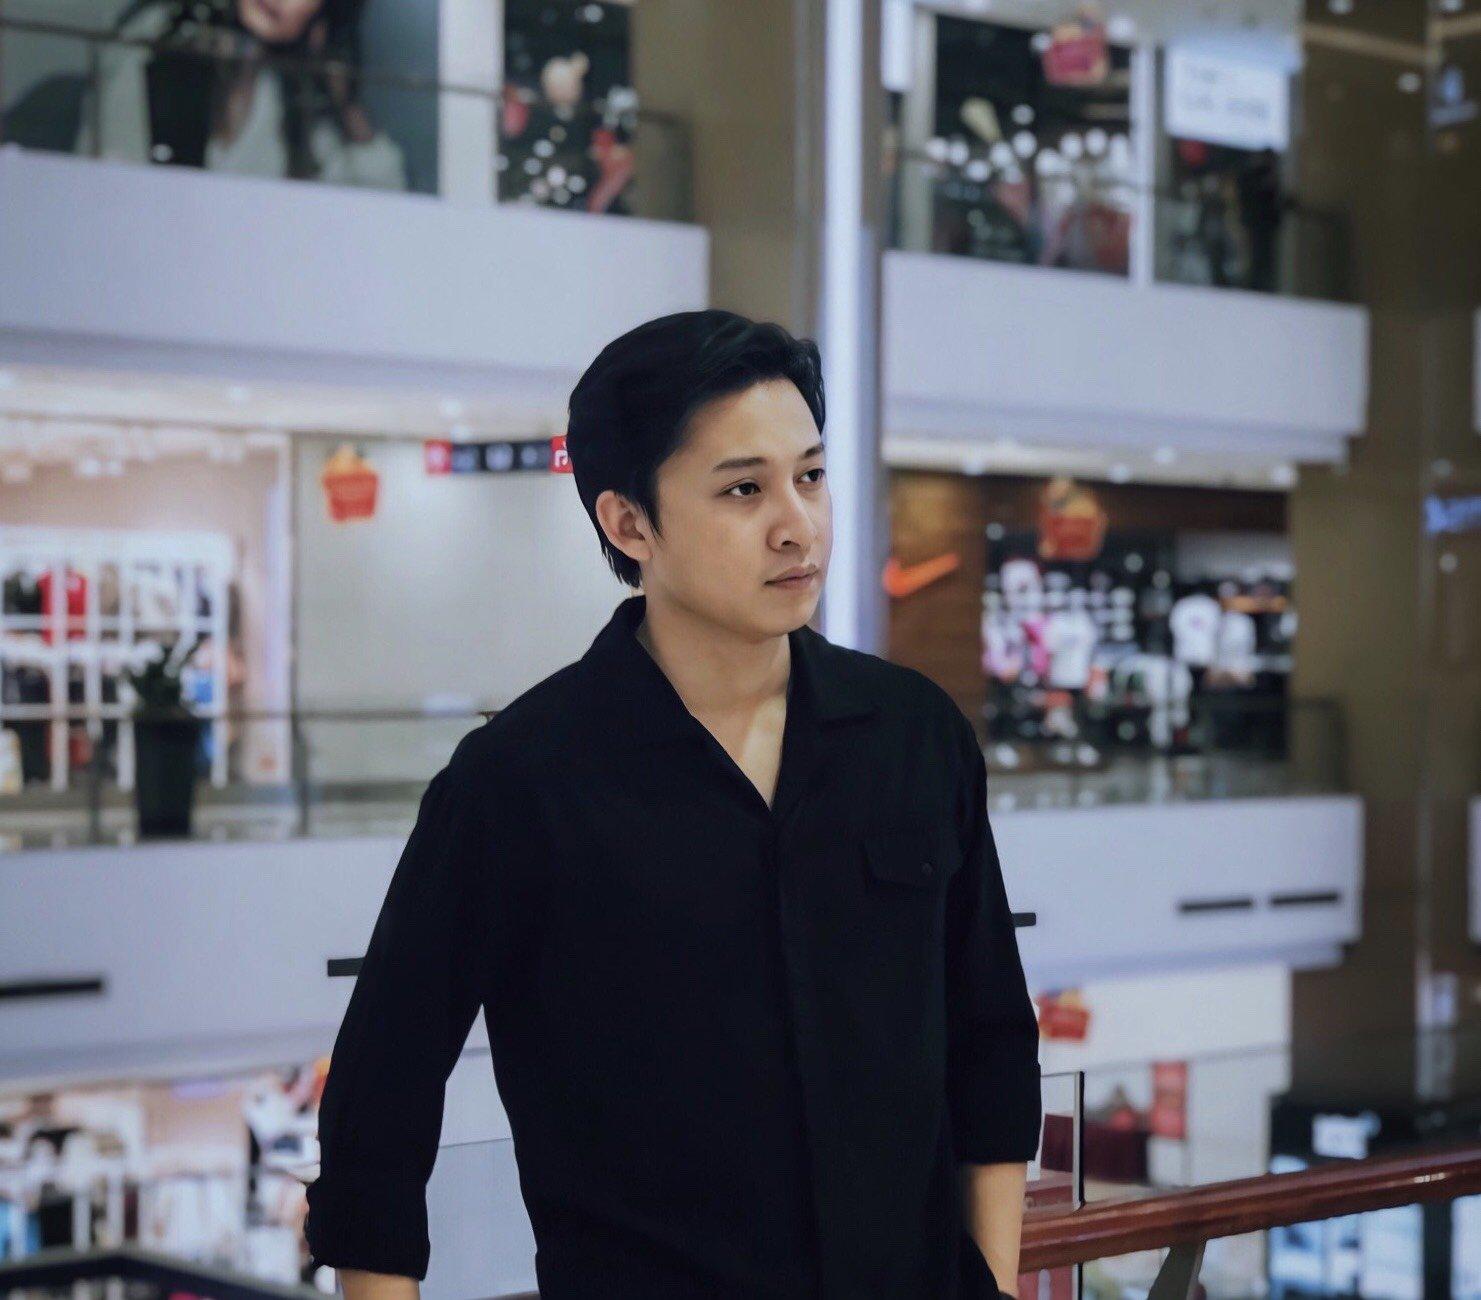 Nguyễn Tuấn Anh – Chàng trai lập kỷ lục mới cho chặng đua Best Sale